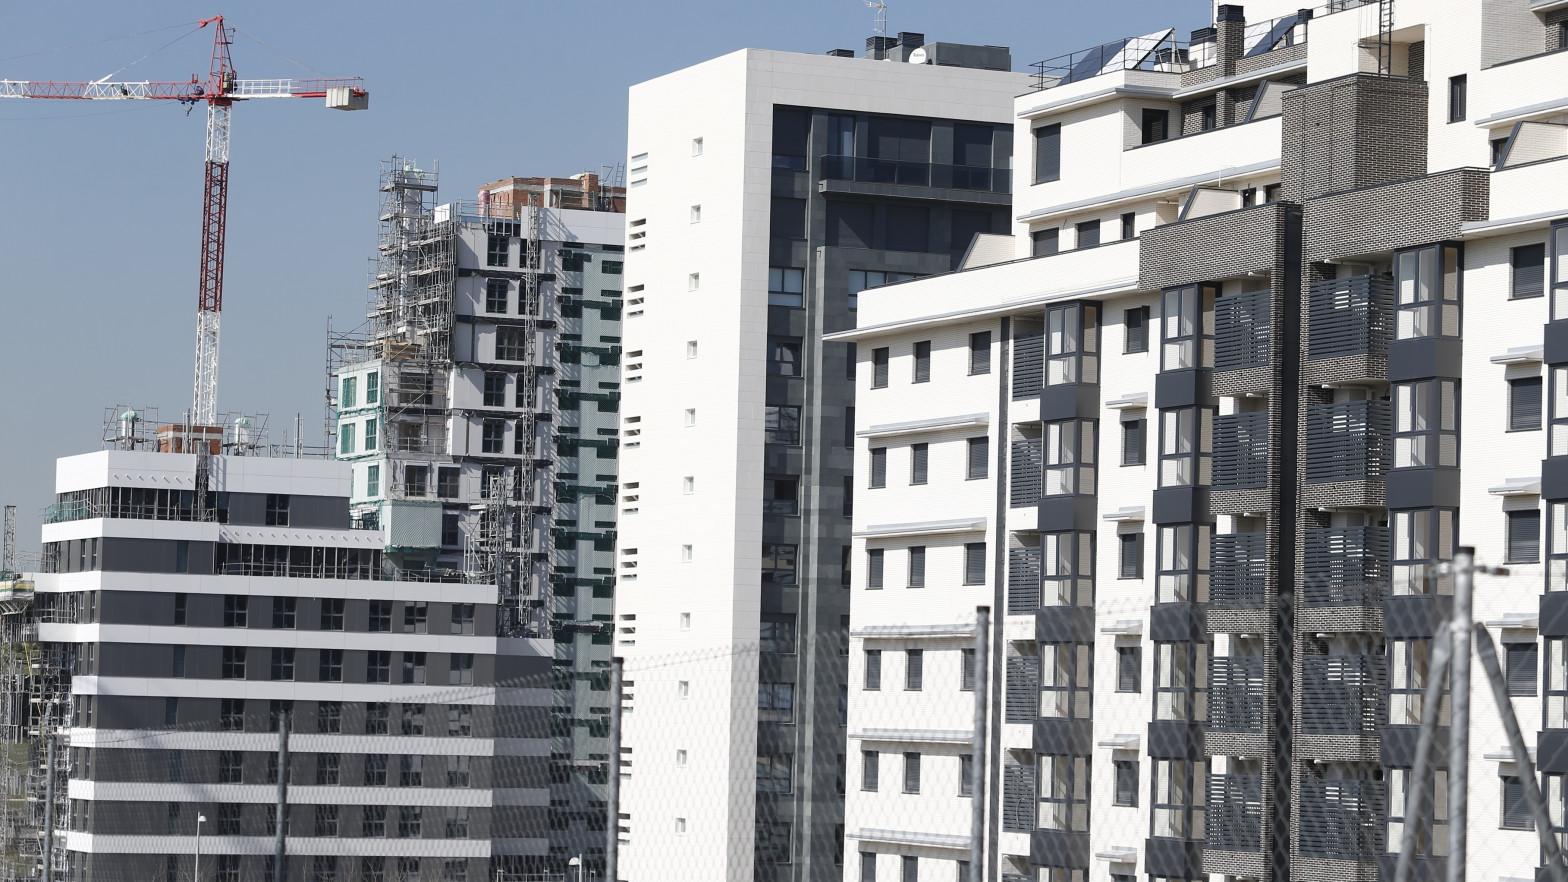 Cae desde un quinto piso un hombre de 78 años tras intentar entrar a su casa por la ventana